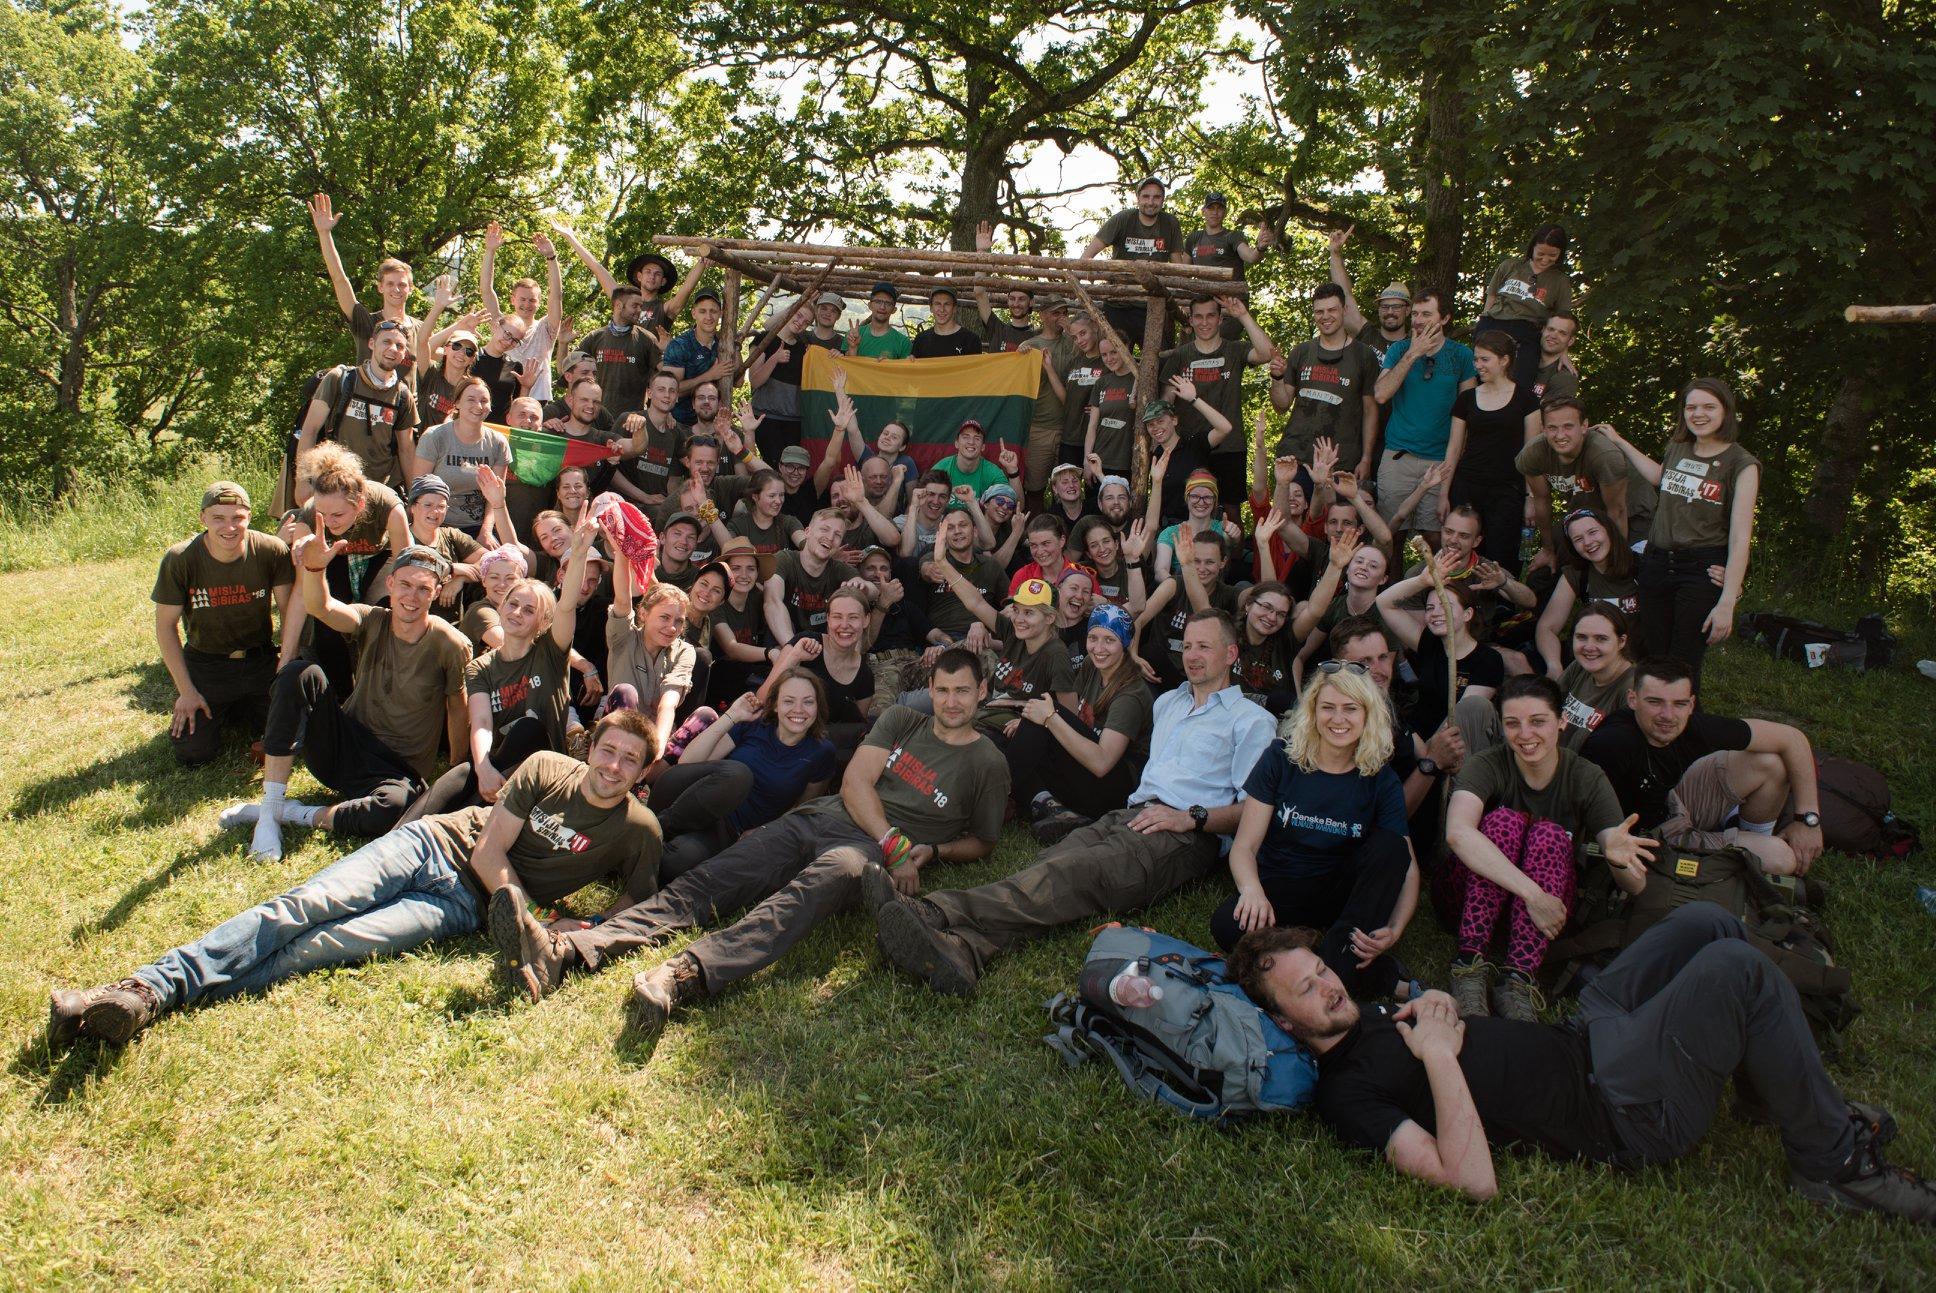 Bandomasis žygis – įveiktas! Tarp žygeivių – ir septyniolikmečiai, ir keturiasdešimtmečiai. Ir studentai, ir kariai savanoriai, ir medikai, ir ekonomistai. Juos vienija meilė Lietuvai.